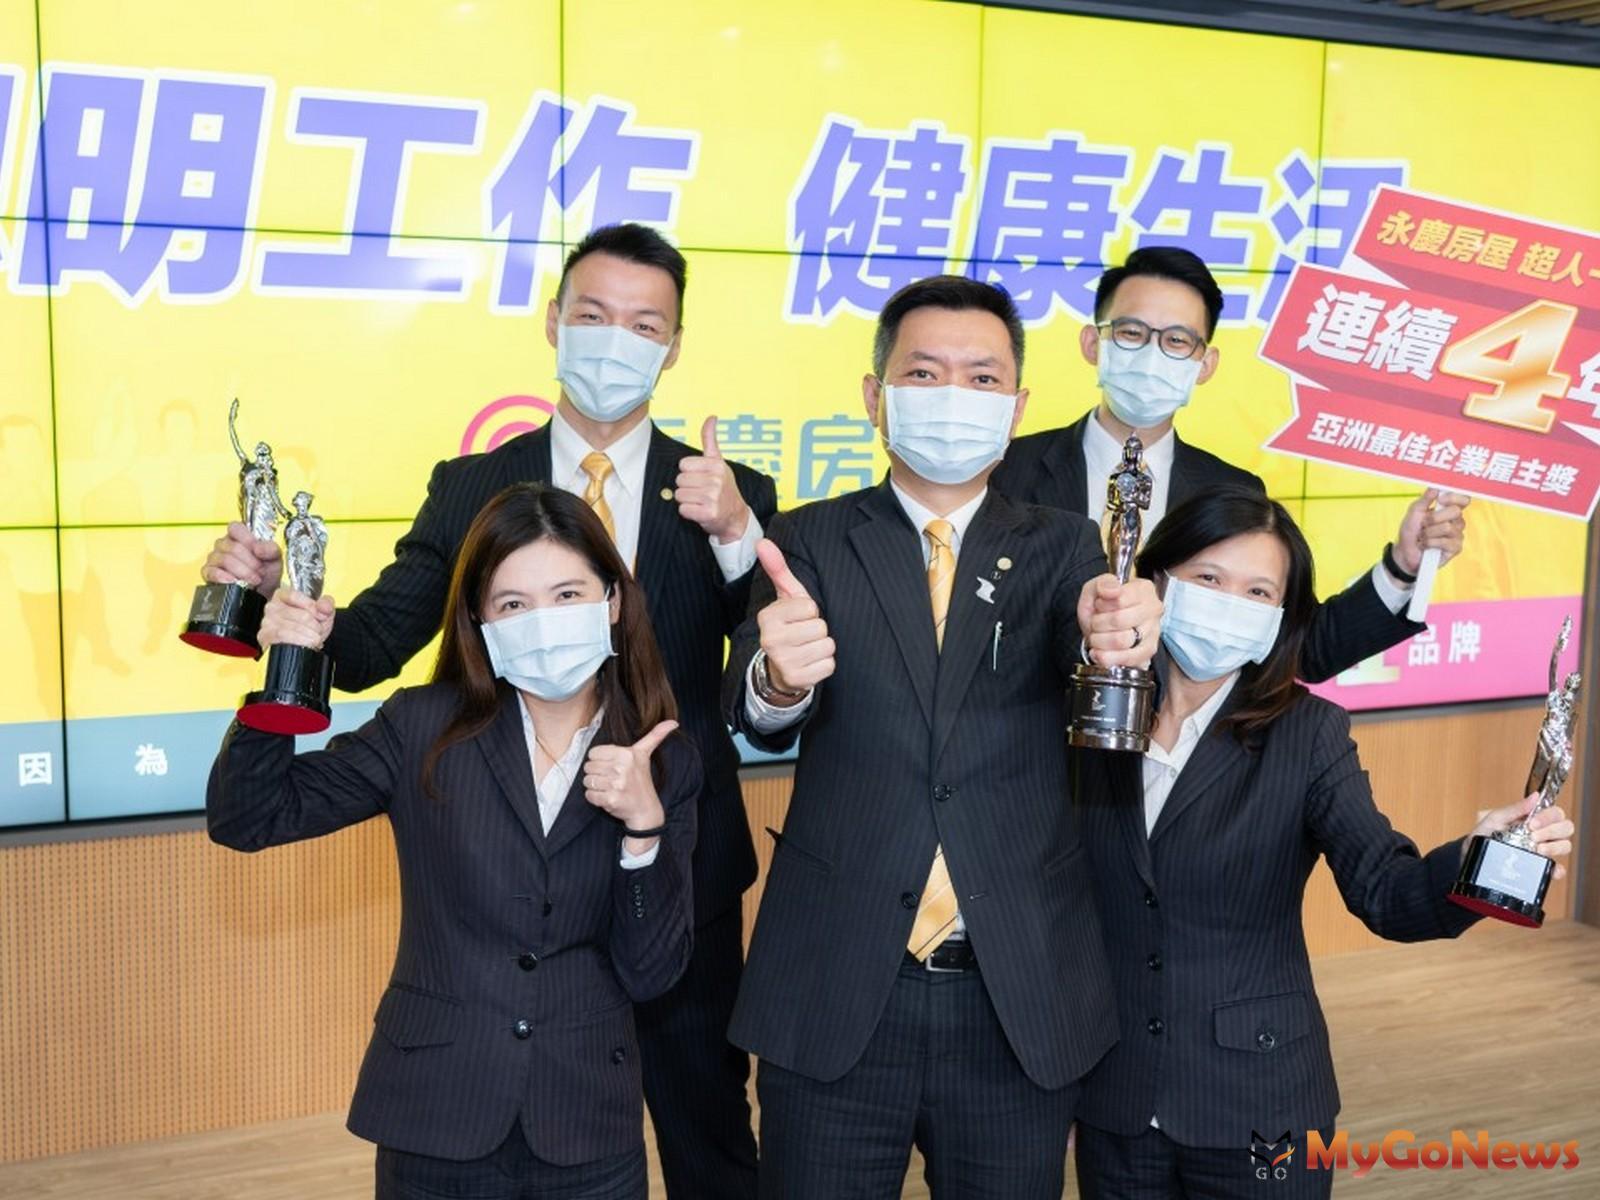 永慶房屋從292間企業中脫穎而出,榮獲2021 HR Asia亞洲最佳企業雇主獎,連續四年獲獎!(圖/永慶房屋) MyGoNews房地產新聞 市場快訊